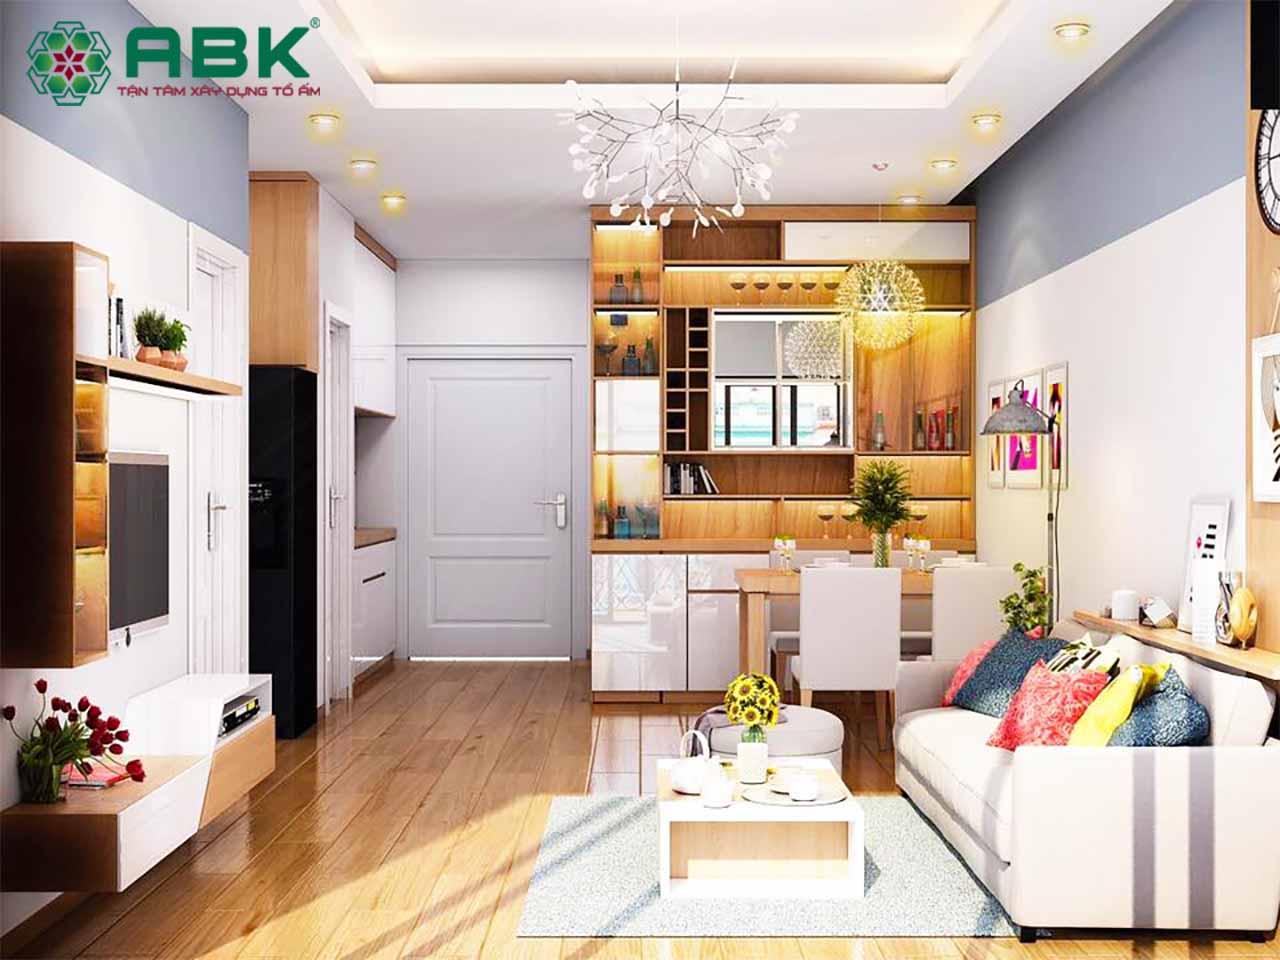 Thiết kế nội thất chung cư theo phong cách tự nhiên